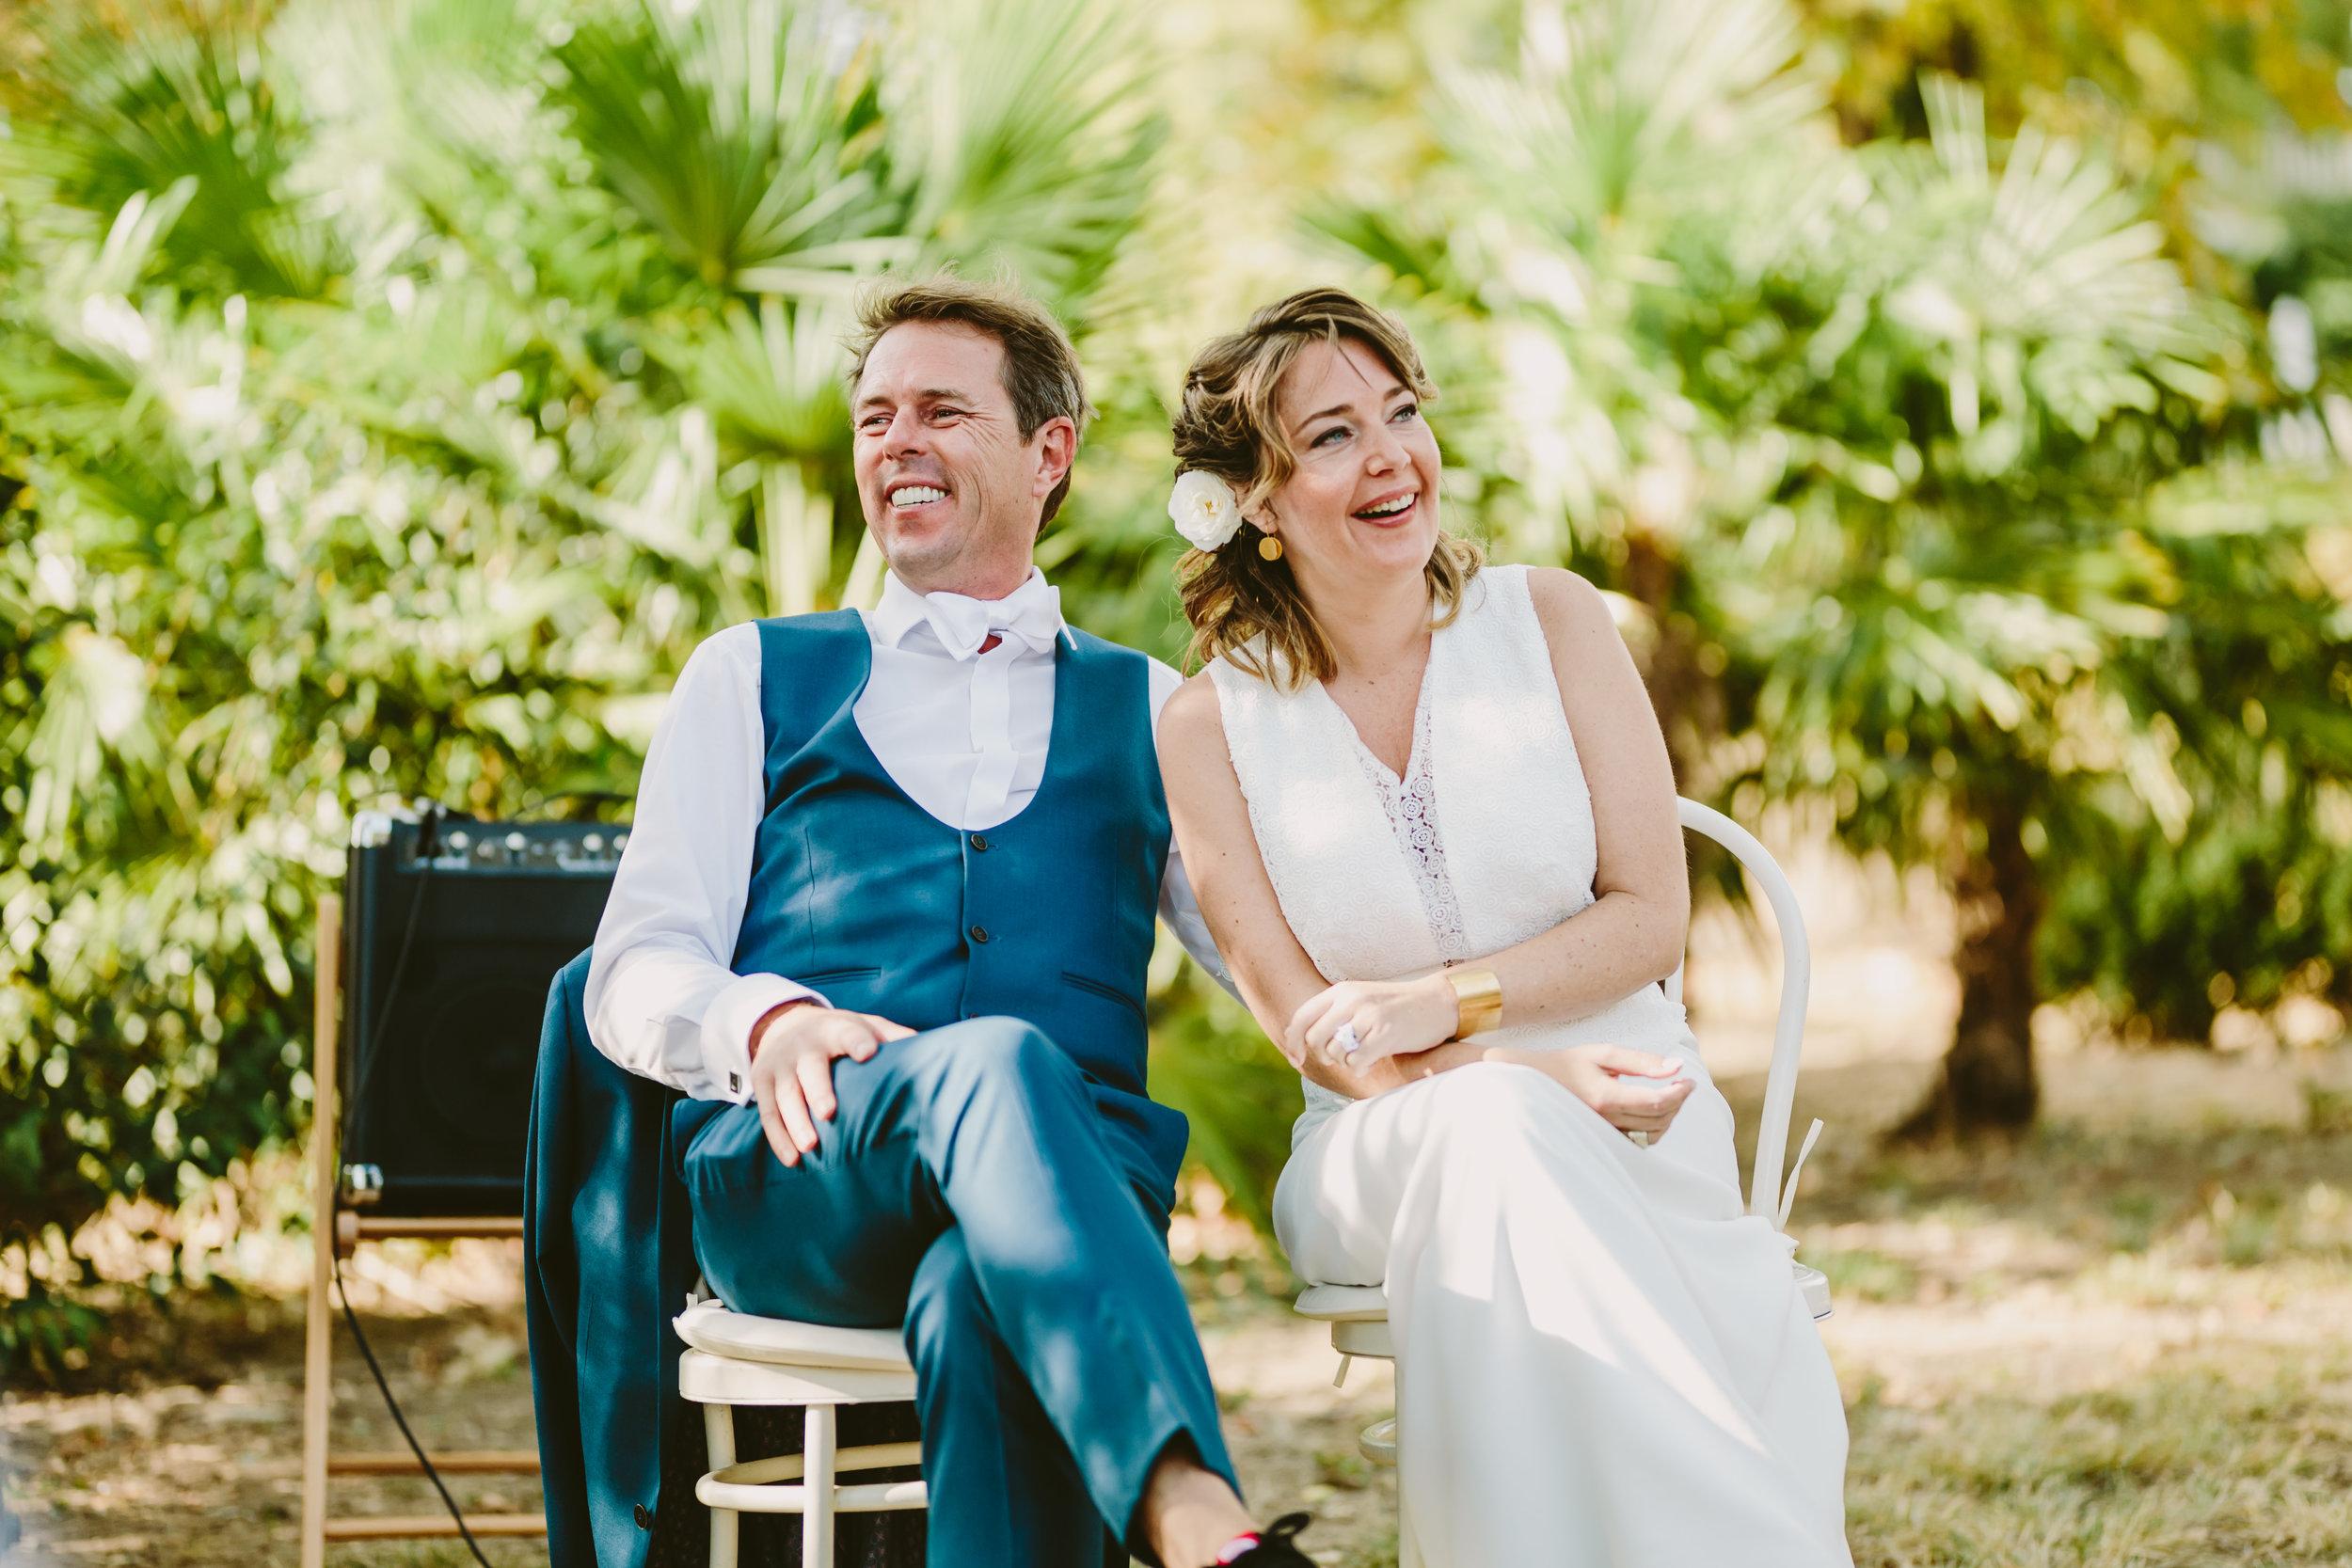 Rhea&Stefan166.jpg